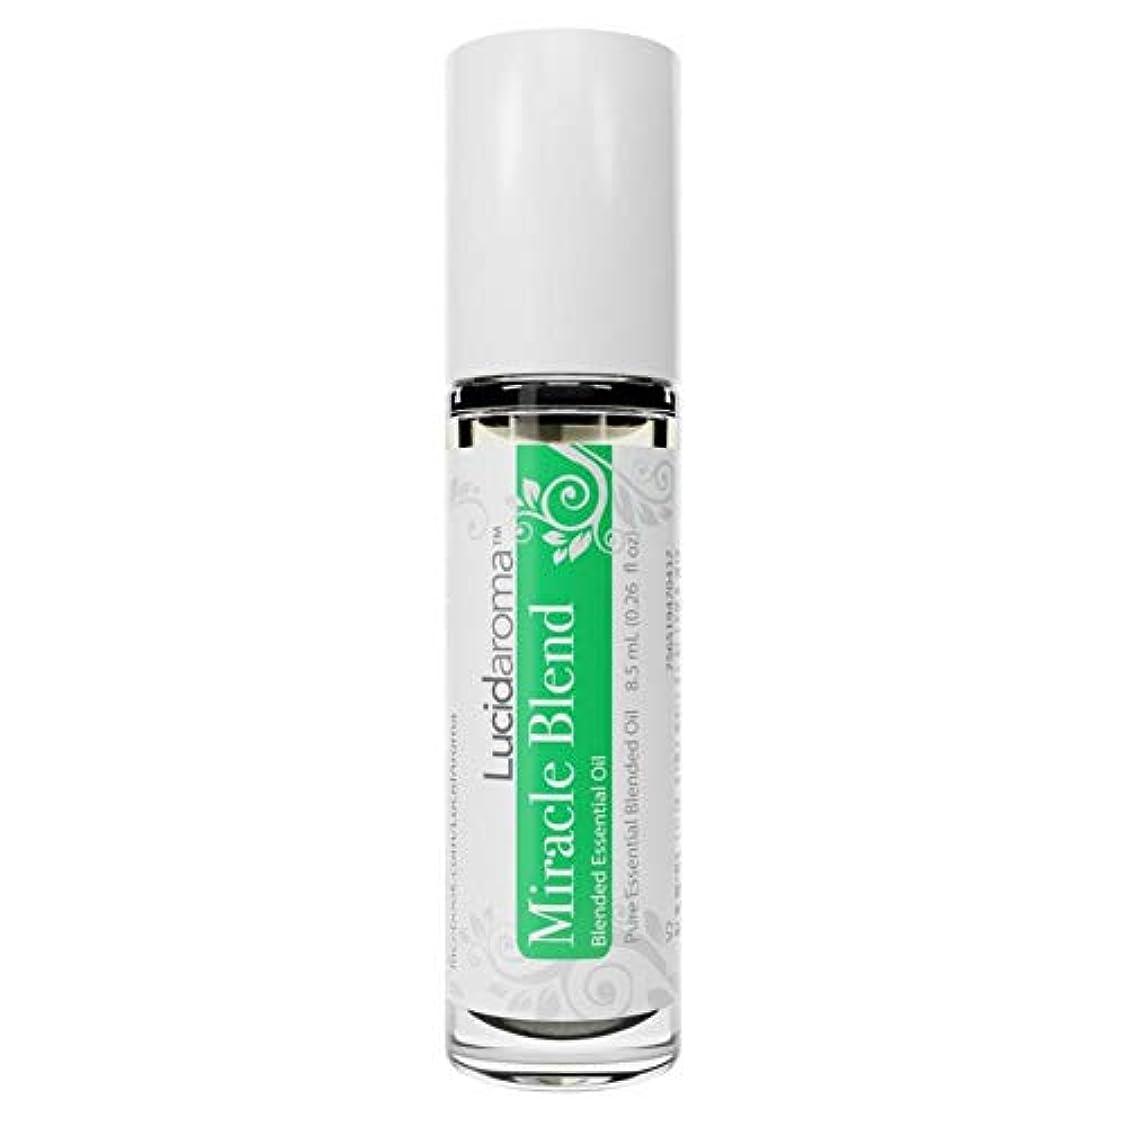 帳面精神医学反抗Lucid Aroma Miracle Blend ミラクル ブレンド ロールオン アロマオイル 8.5mL (塗るアロマ) 100%天然 携帯便利 ピュア エッセンシャル アメリカ製